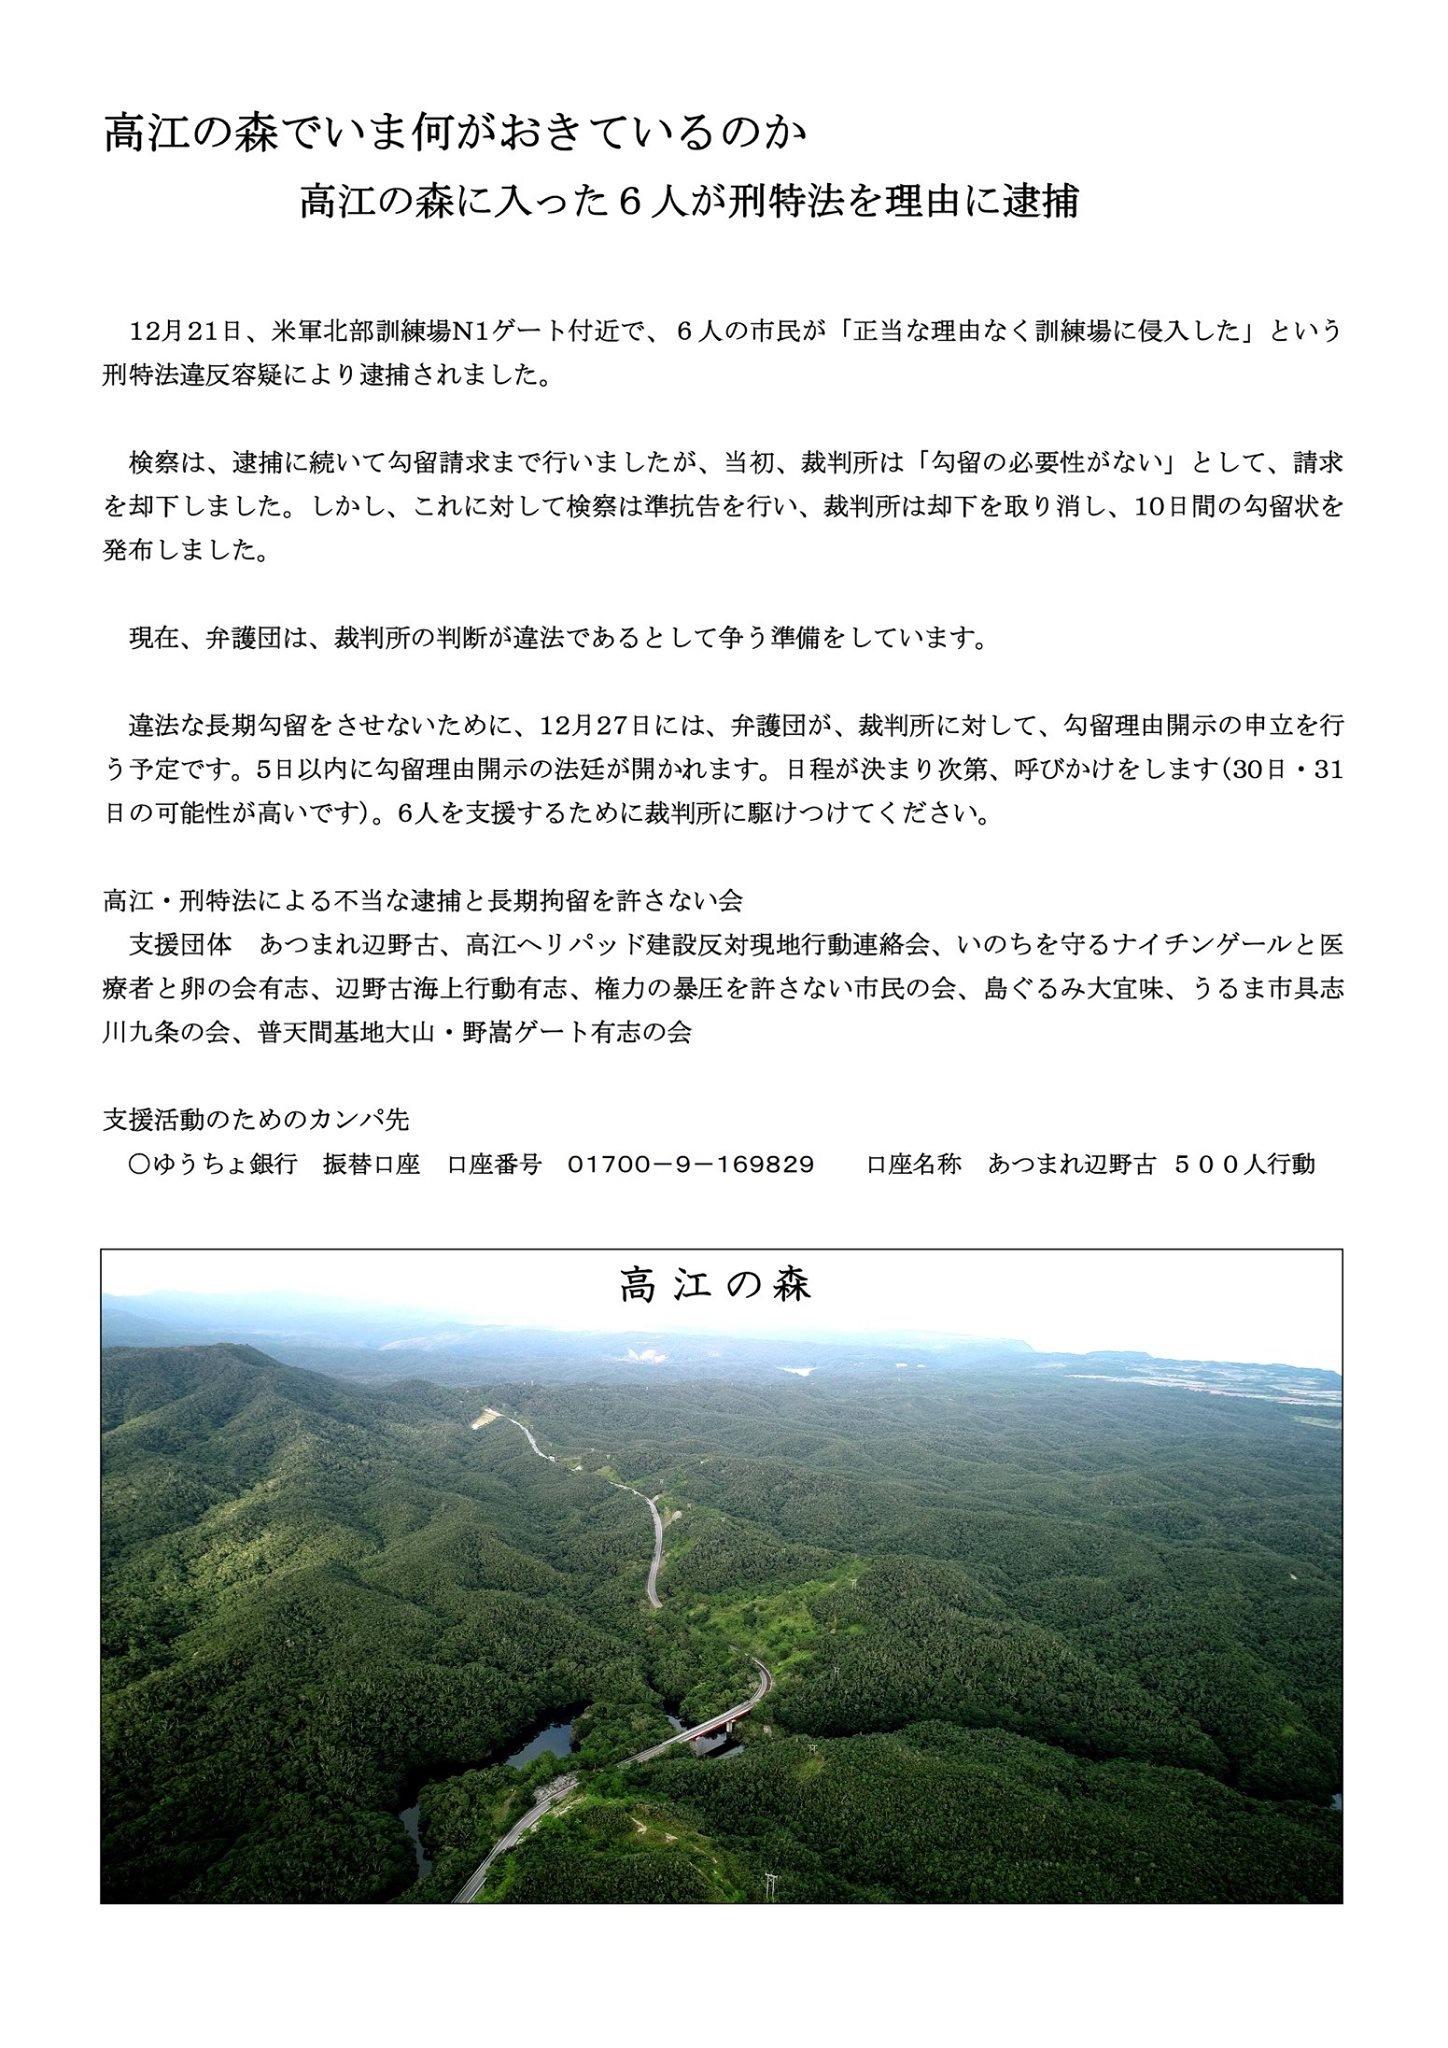 高江刑特法による不当な逮捕と長期拘留を許さない会のアピール